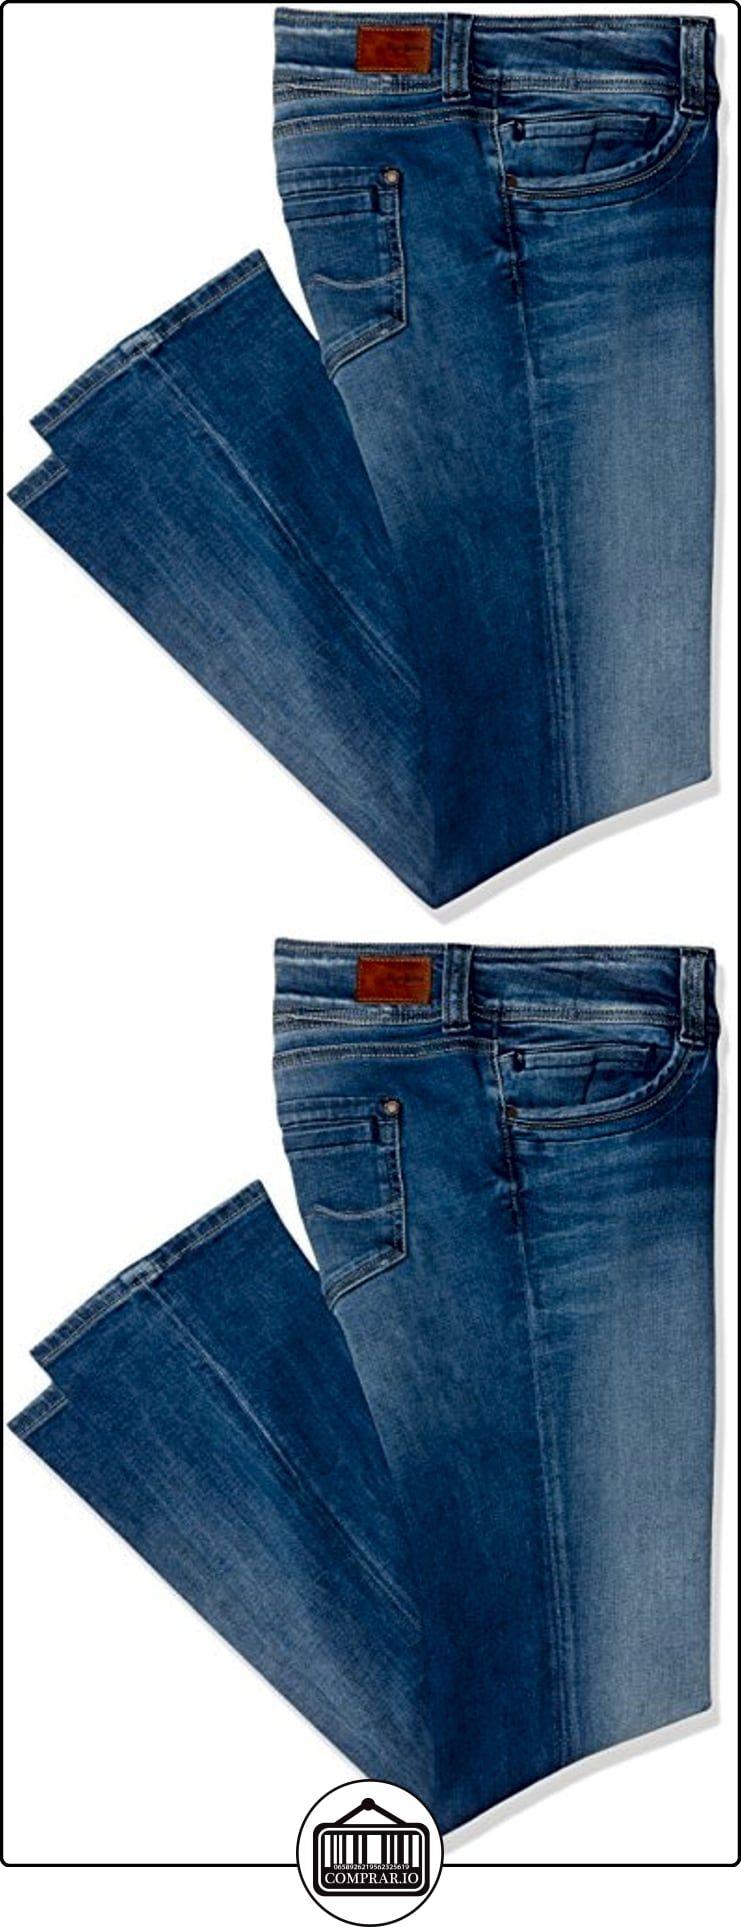 Pepe Jeans Gen, Jeans Mujer, Azul (Denim), 34(UK)  ✿ Vaqueros ✿